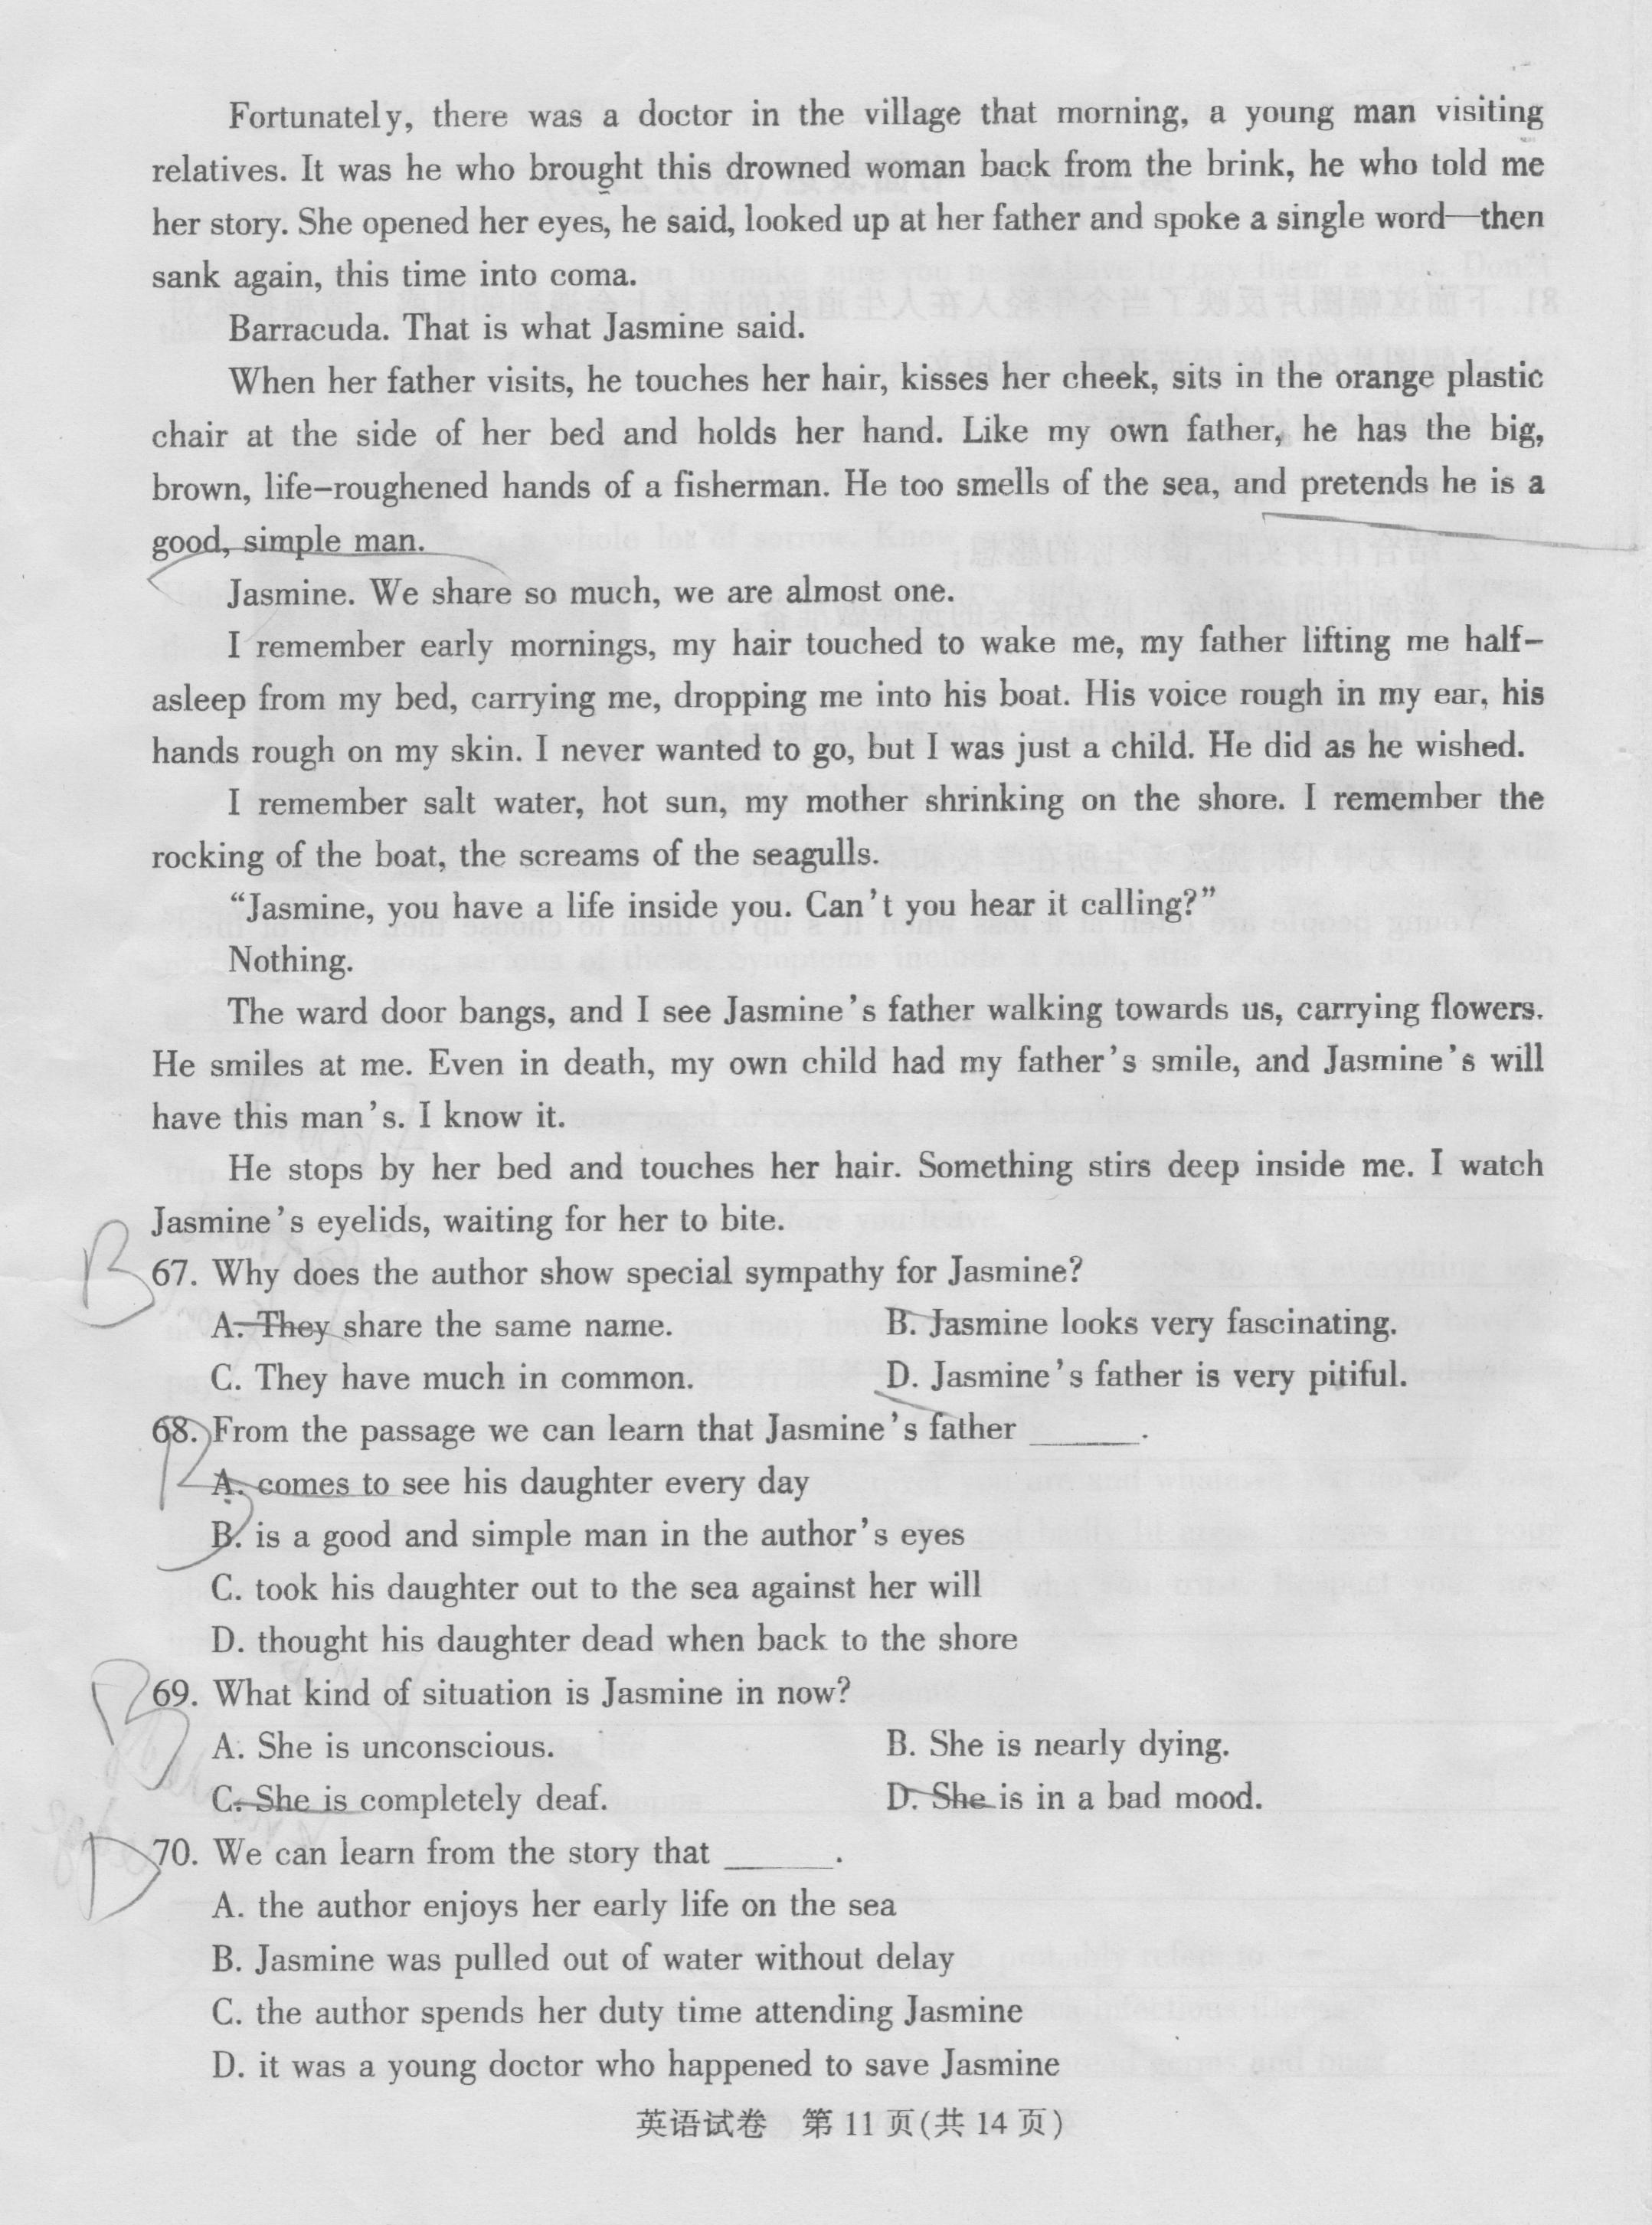 英语阅读理解题_阅读理解_英语_高三_简单学